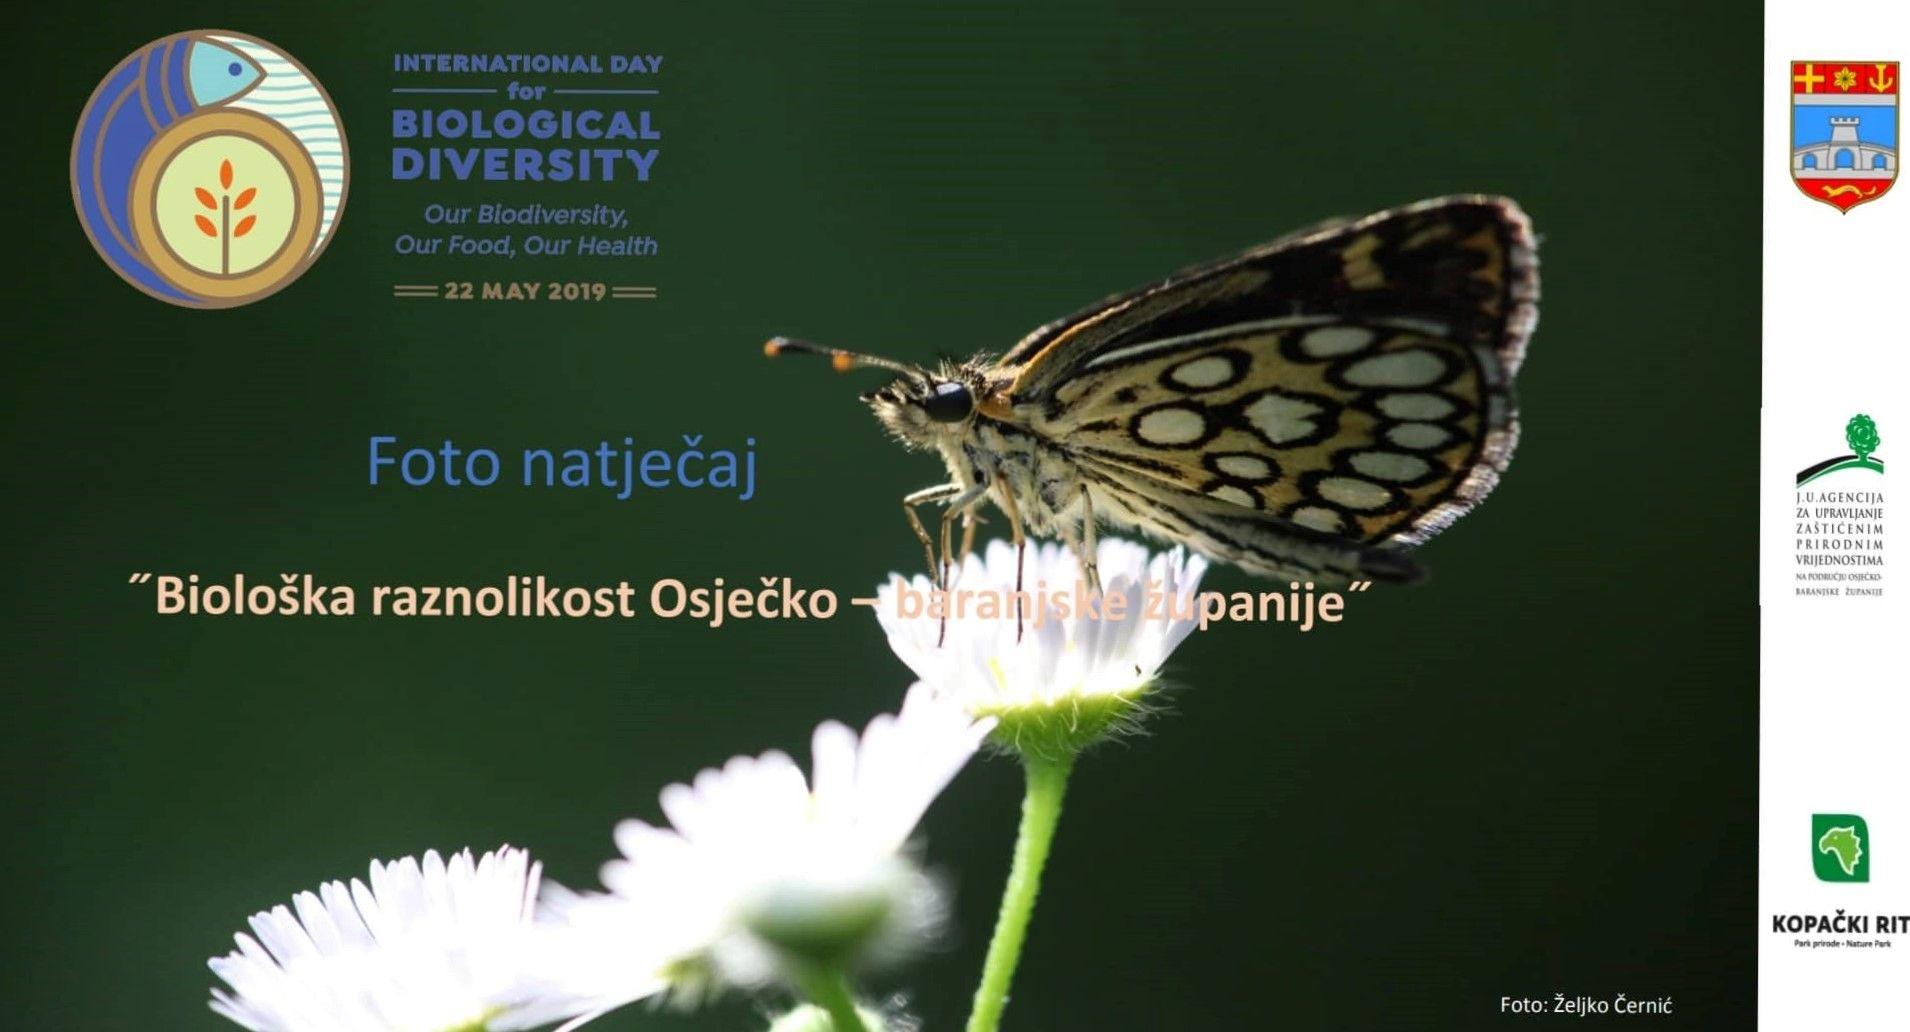 Međunarodni je dan biološke raznolikosti